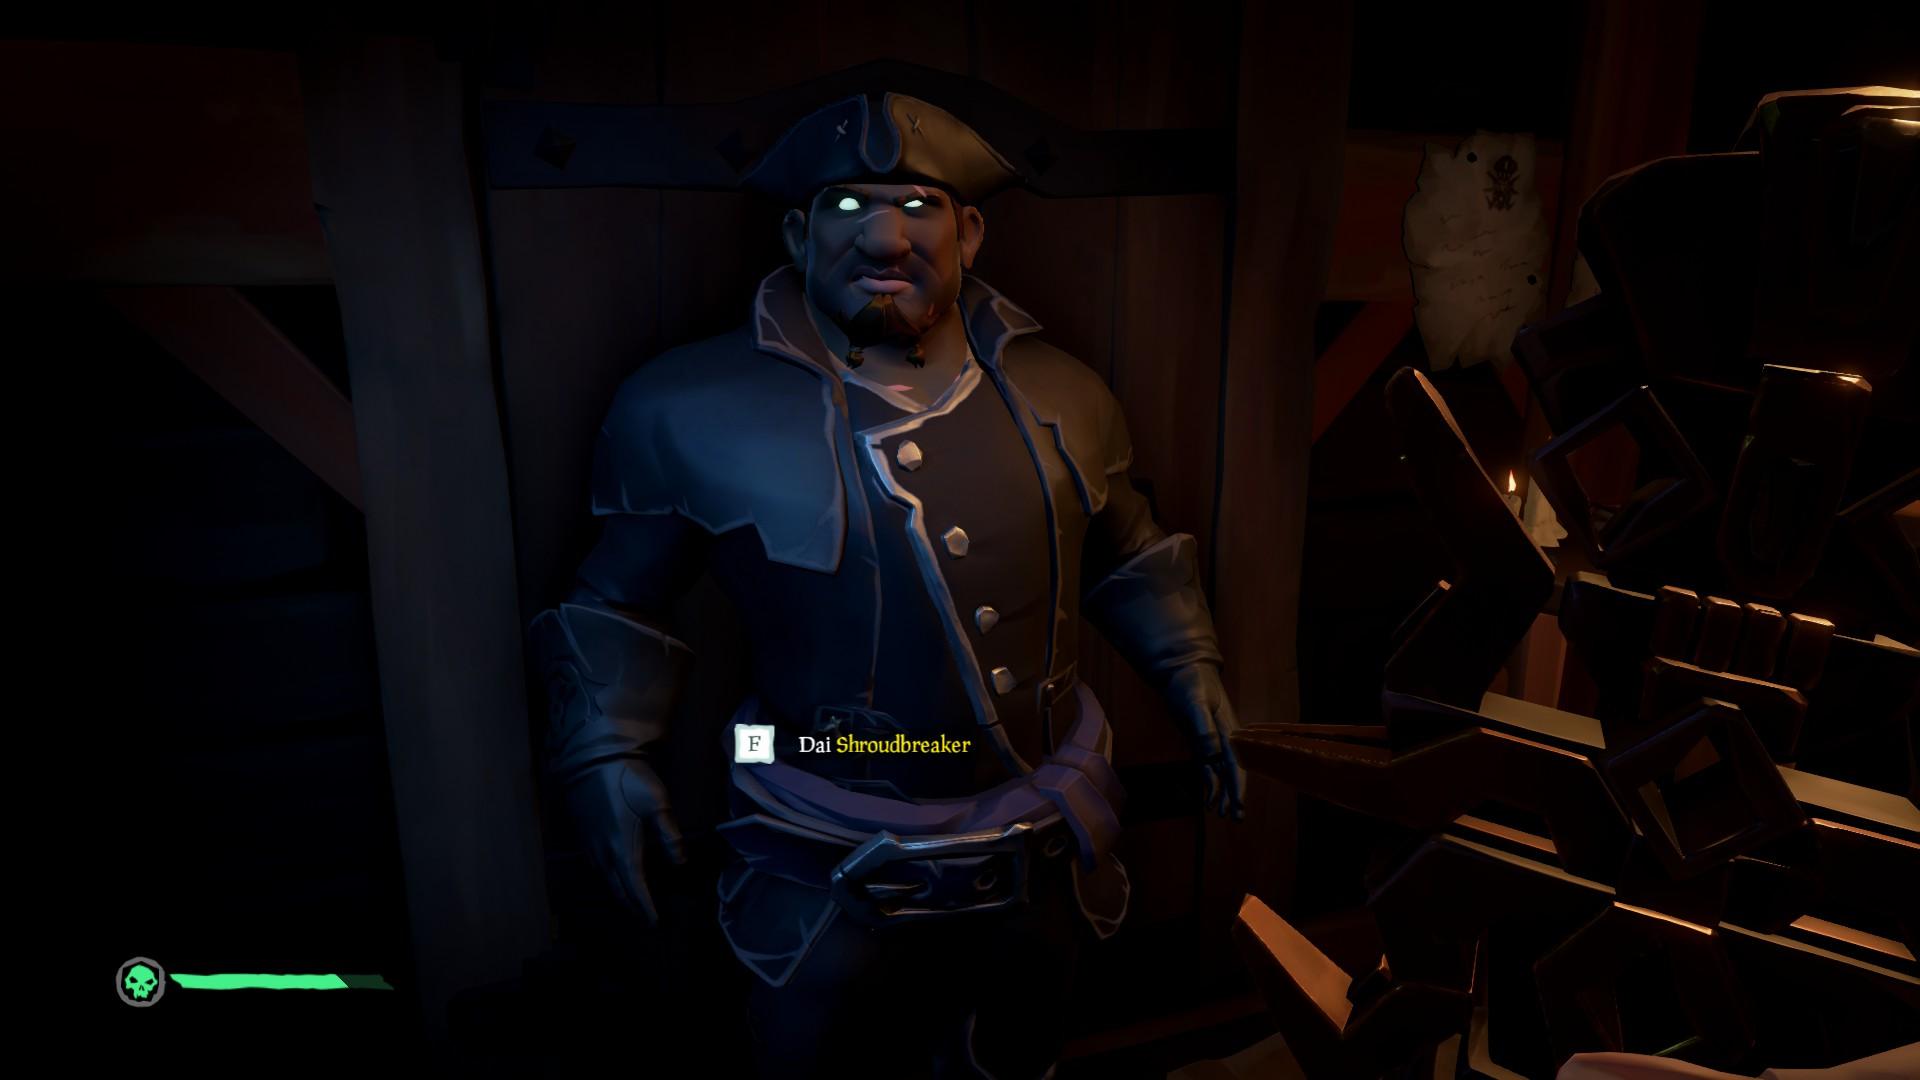 La Shroudbreaker, consegnare la reliquia al Personaggio Misterioso.